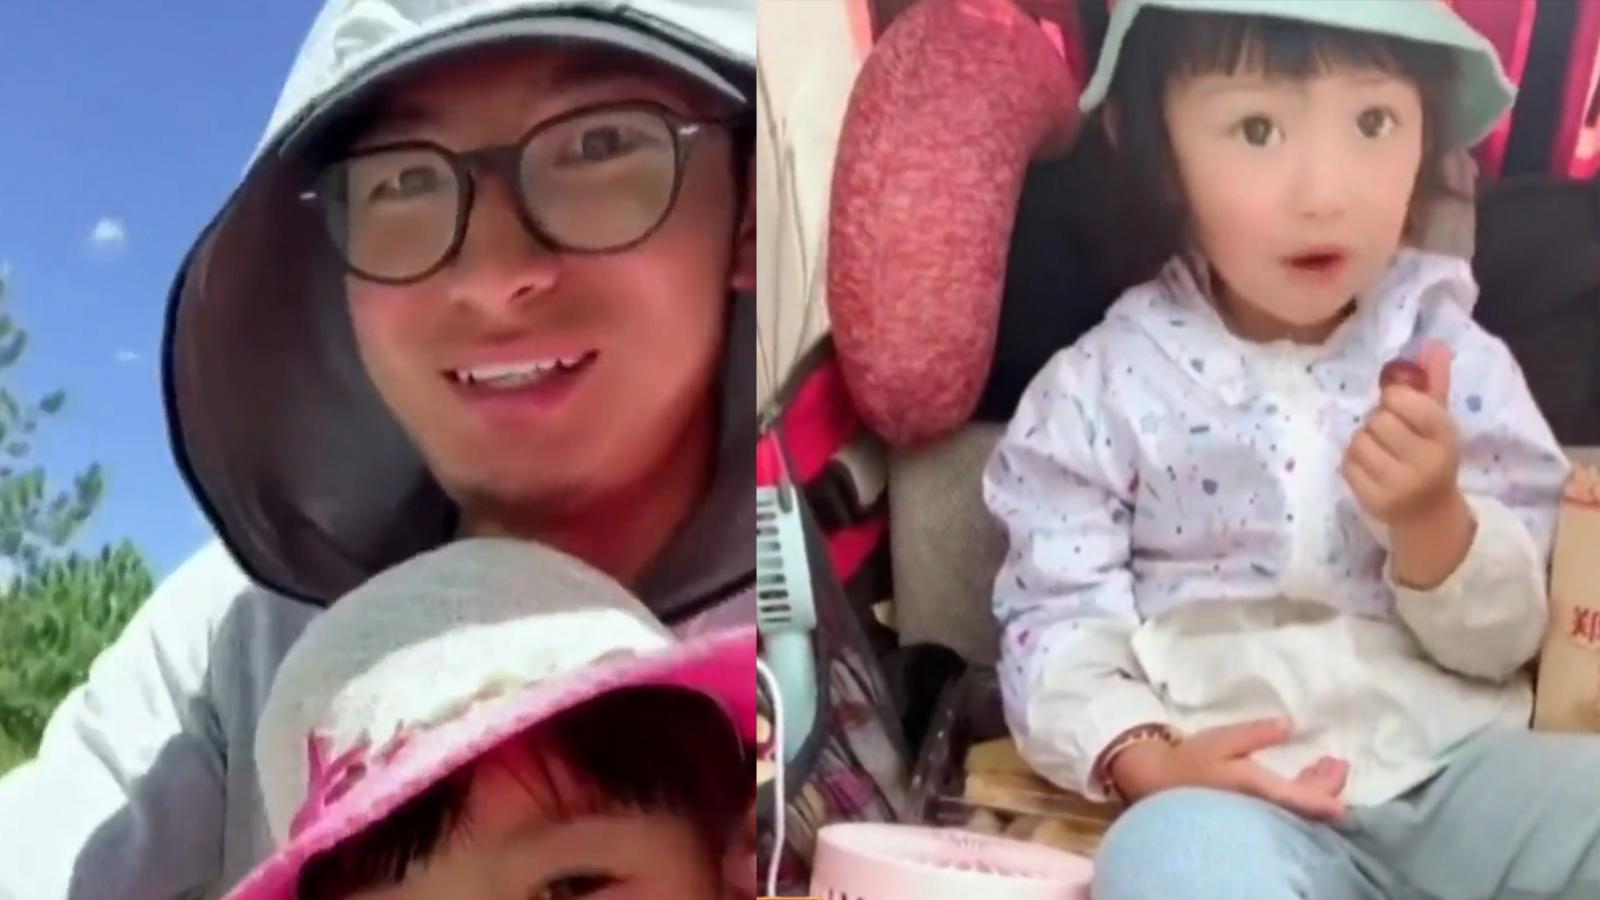 คุณพ่อชาวจีน ปั่นจักรยานไปทิเบตพร้อมลูกสาววัย 4 ขวบ